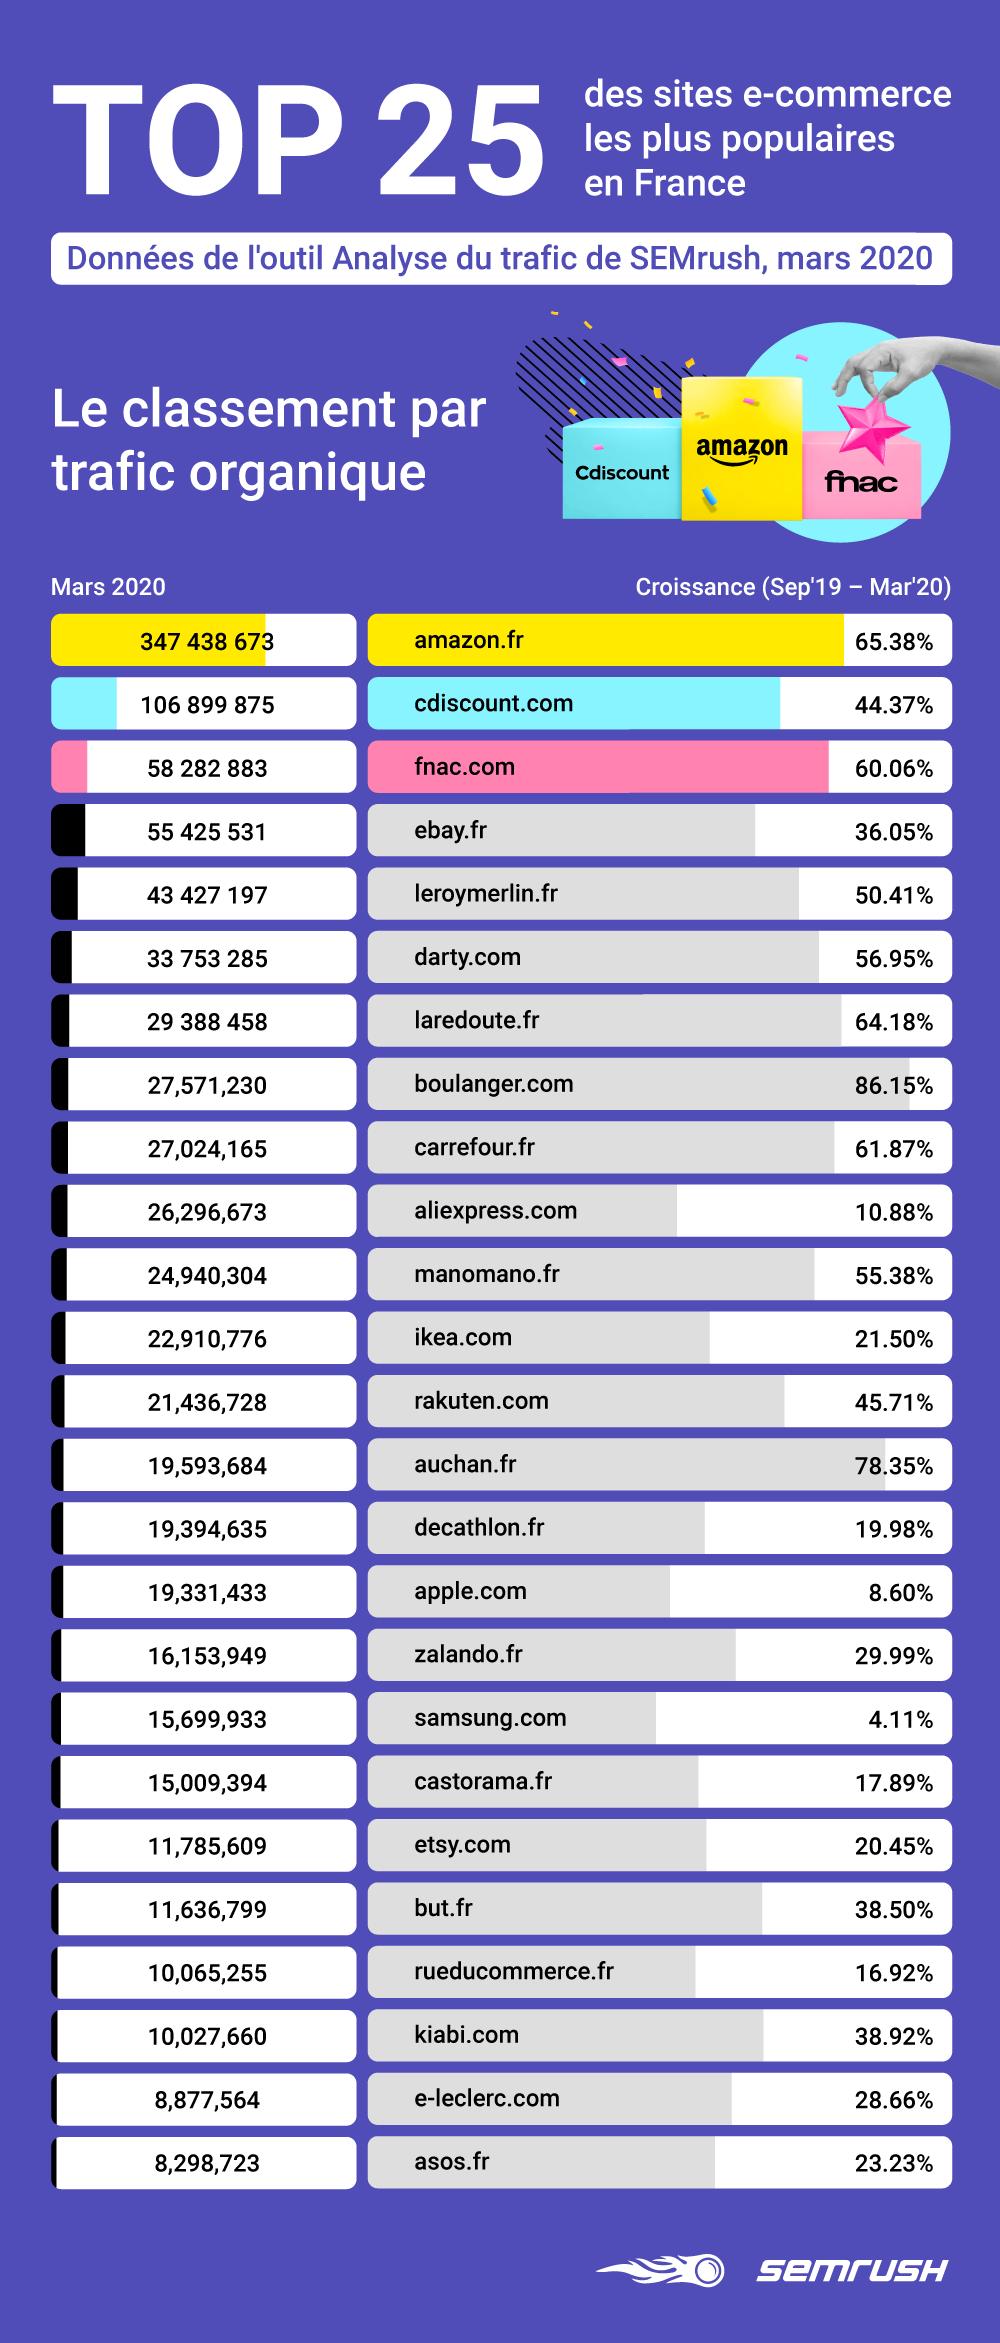 TOP 25 des sites e-commerce les plus populaires sur Google.fr en 2020. Image 0